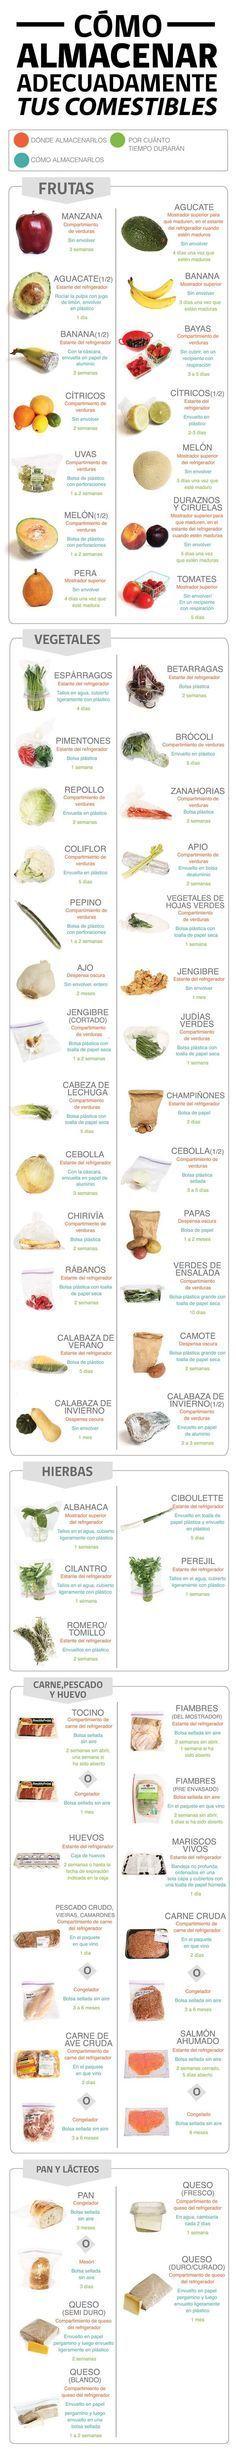 El almacenamiento de alimentos en casa. #alimentos #infografia #conservación | https://lomejordelaweb.es